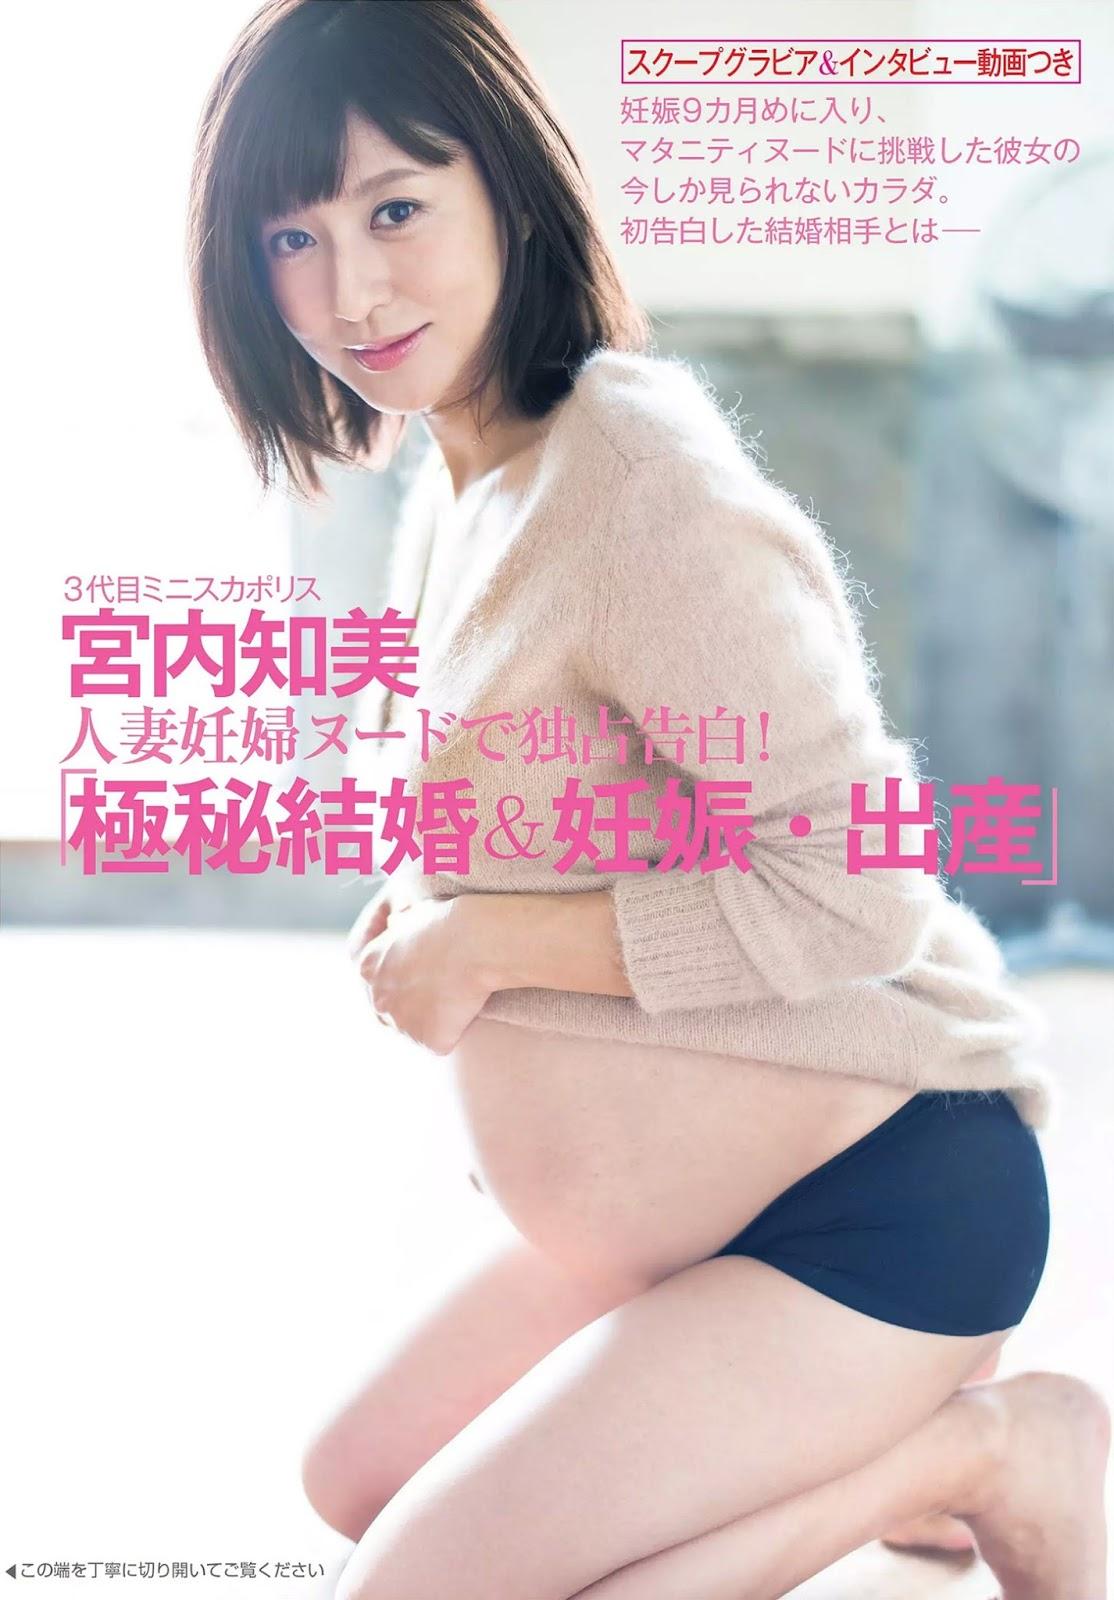 Tomomi Miyauchi 宮内知美, FLASH 電子版 2017.11.07 No.1444 (フラッシュ 2017年11月07日号)